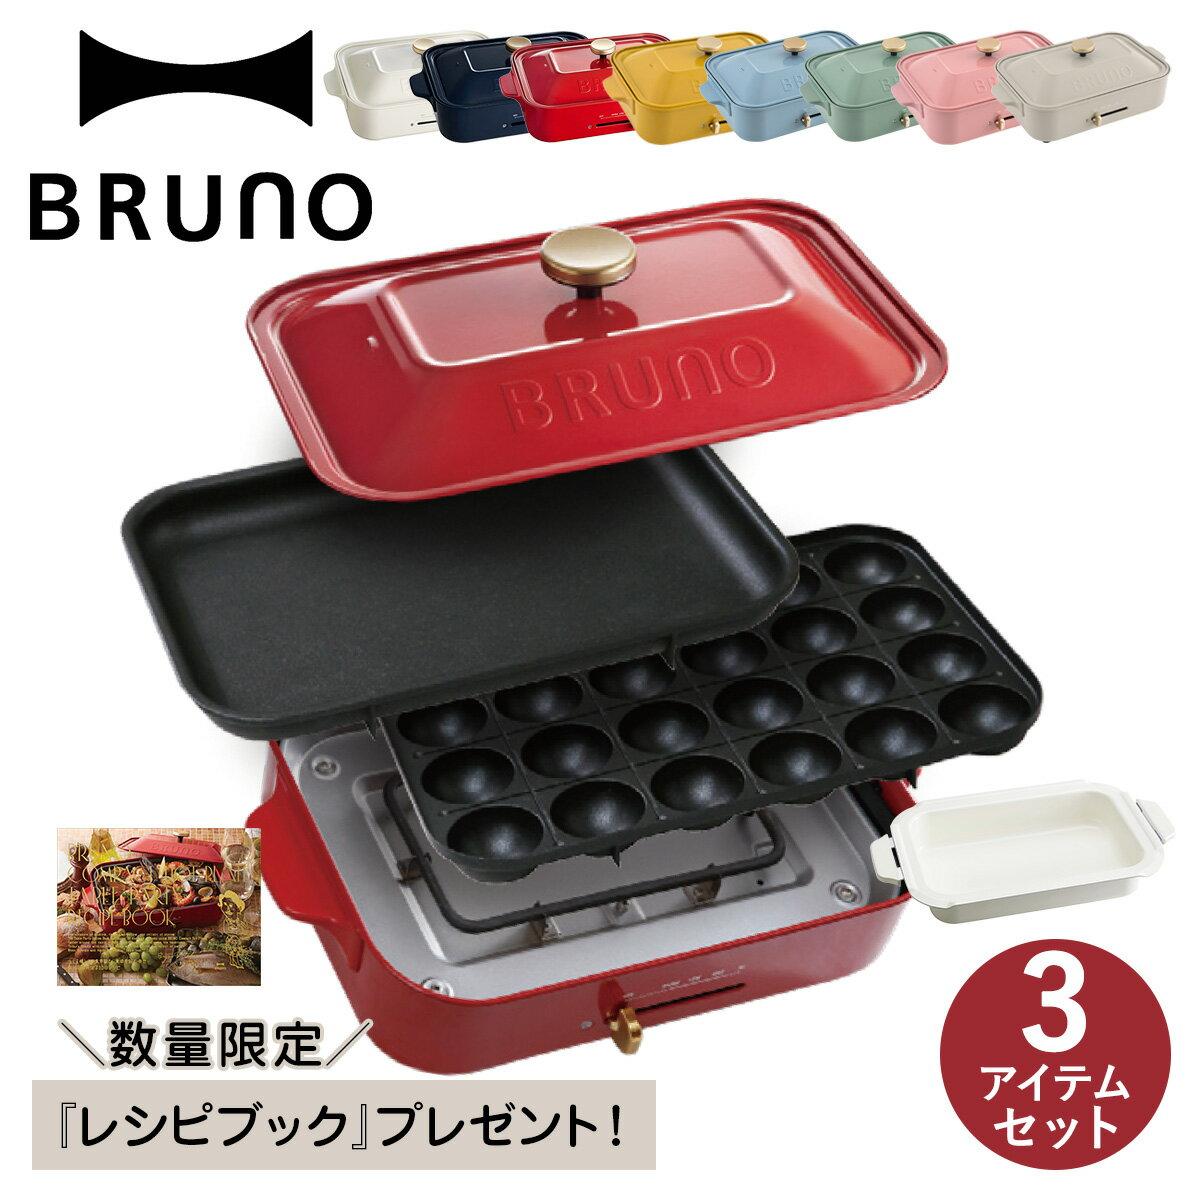 ブルーノ BRUNO ホットプレート たこ焼き器 焼肉 煮物 コンパクト 平面 セラミックコート鍋 深鍋 電気式 ヒーター式 1200W 小型 小さい パーティ キッチン ホワイト ネイビー レッド ブラック 白 黒 1702748